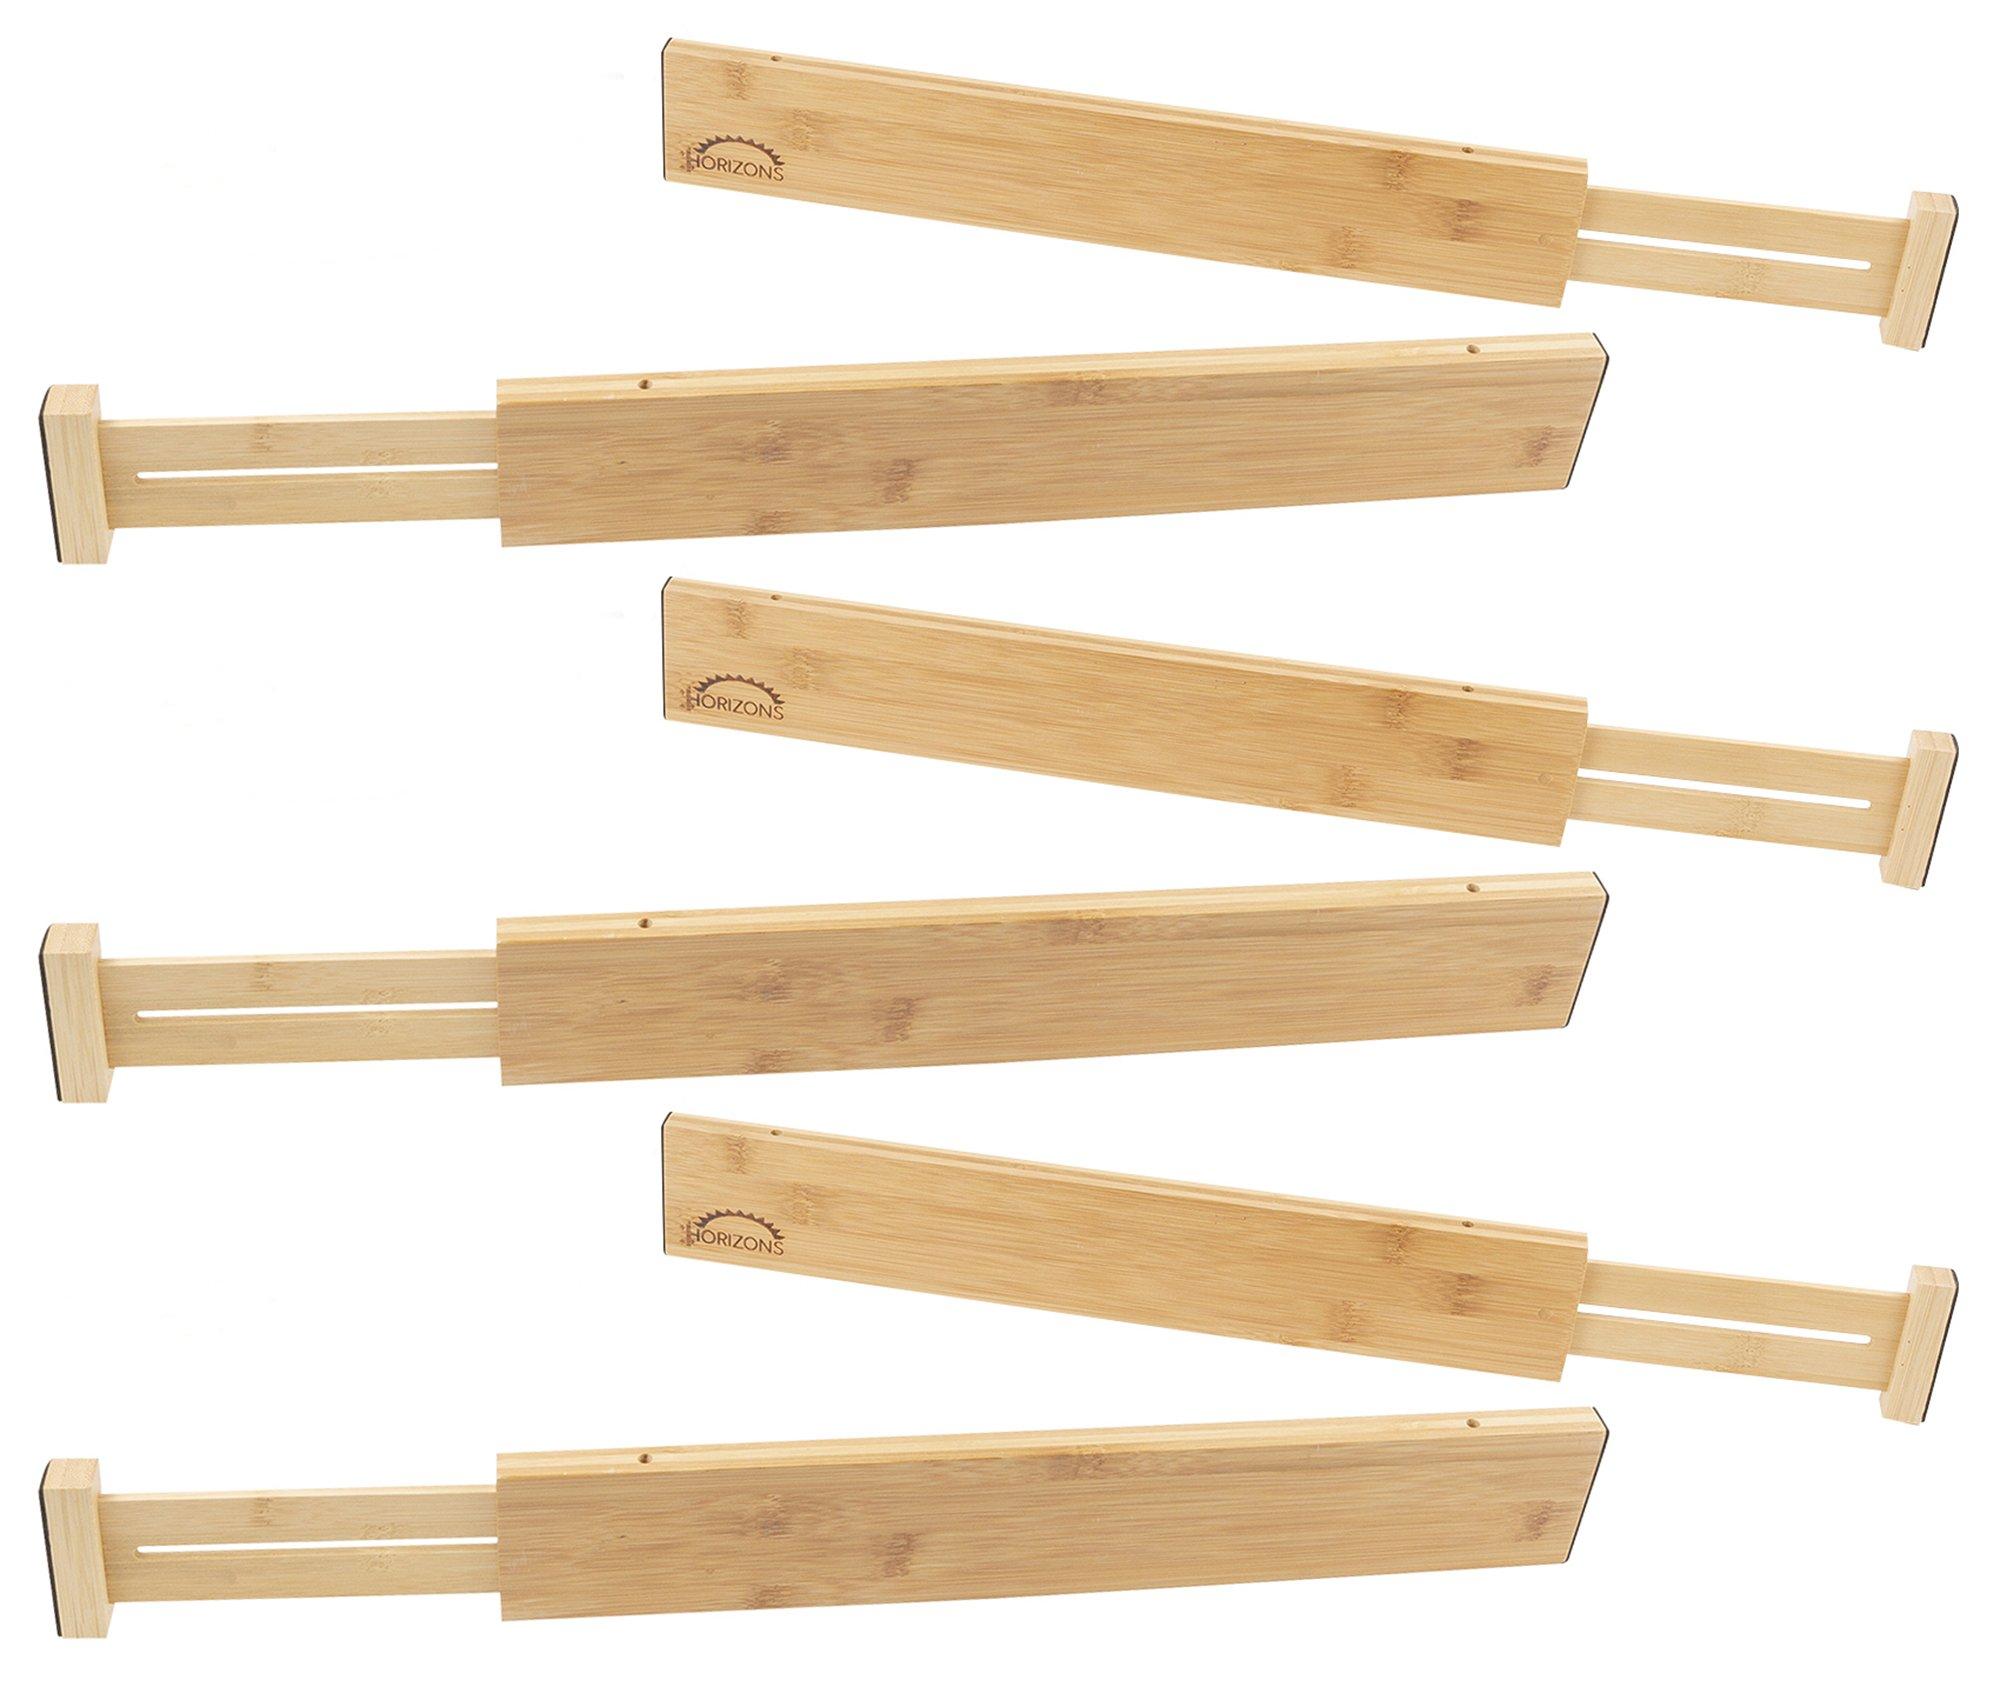 Horizons Adjustable & Stackable 100% Eco-Friendly Bamboo Drawers (Set of 6) - Kitchen Drawer, Desk, Dresser, Bathroom; Divide & Organize